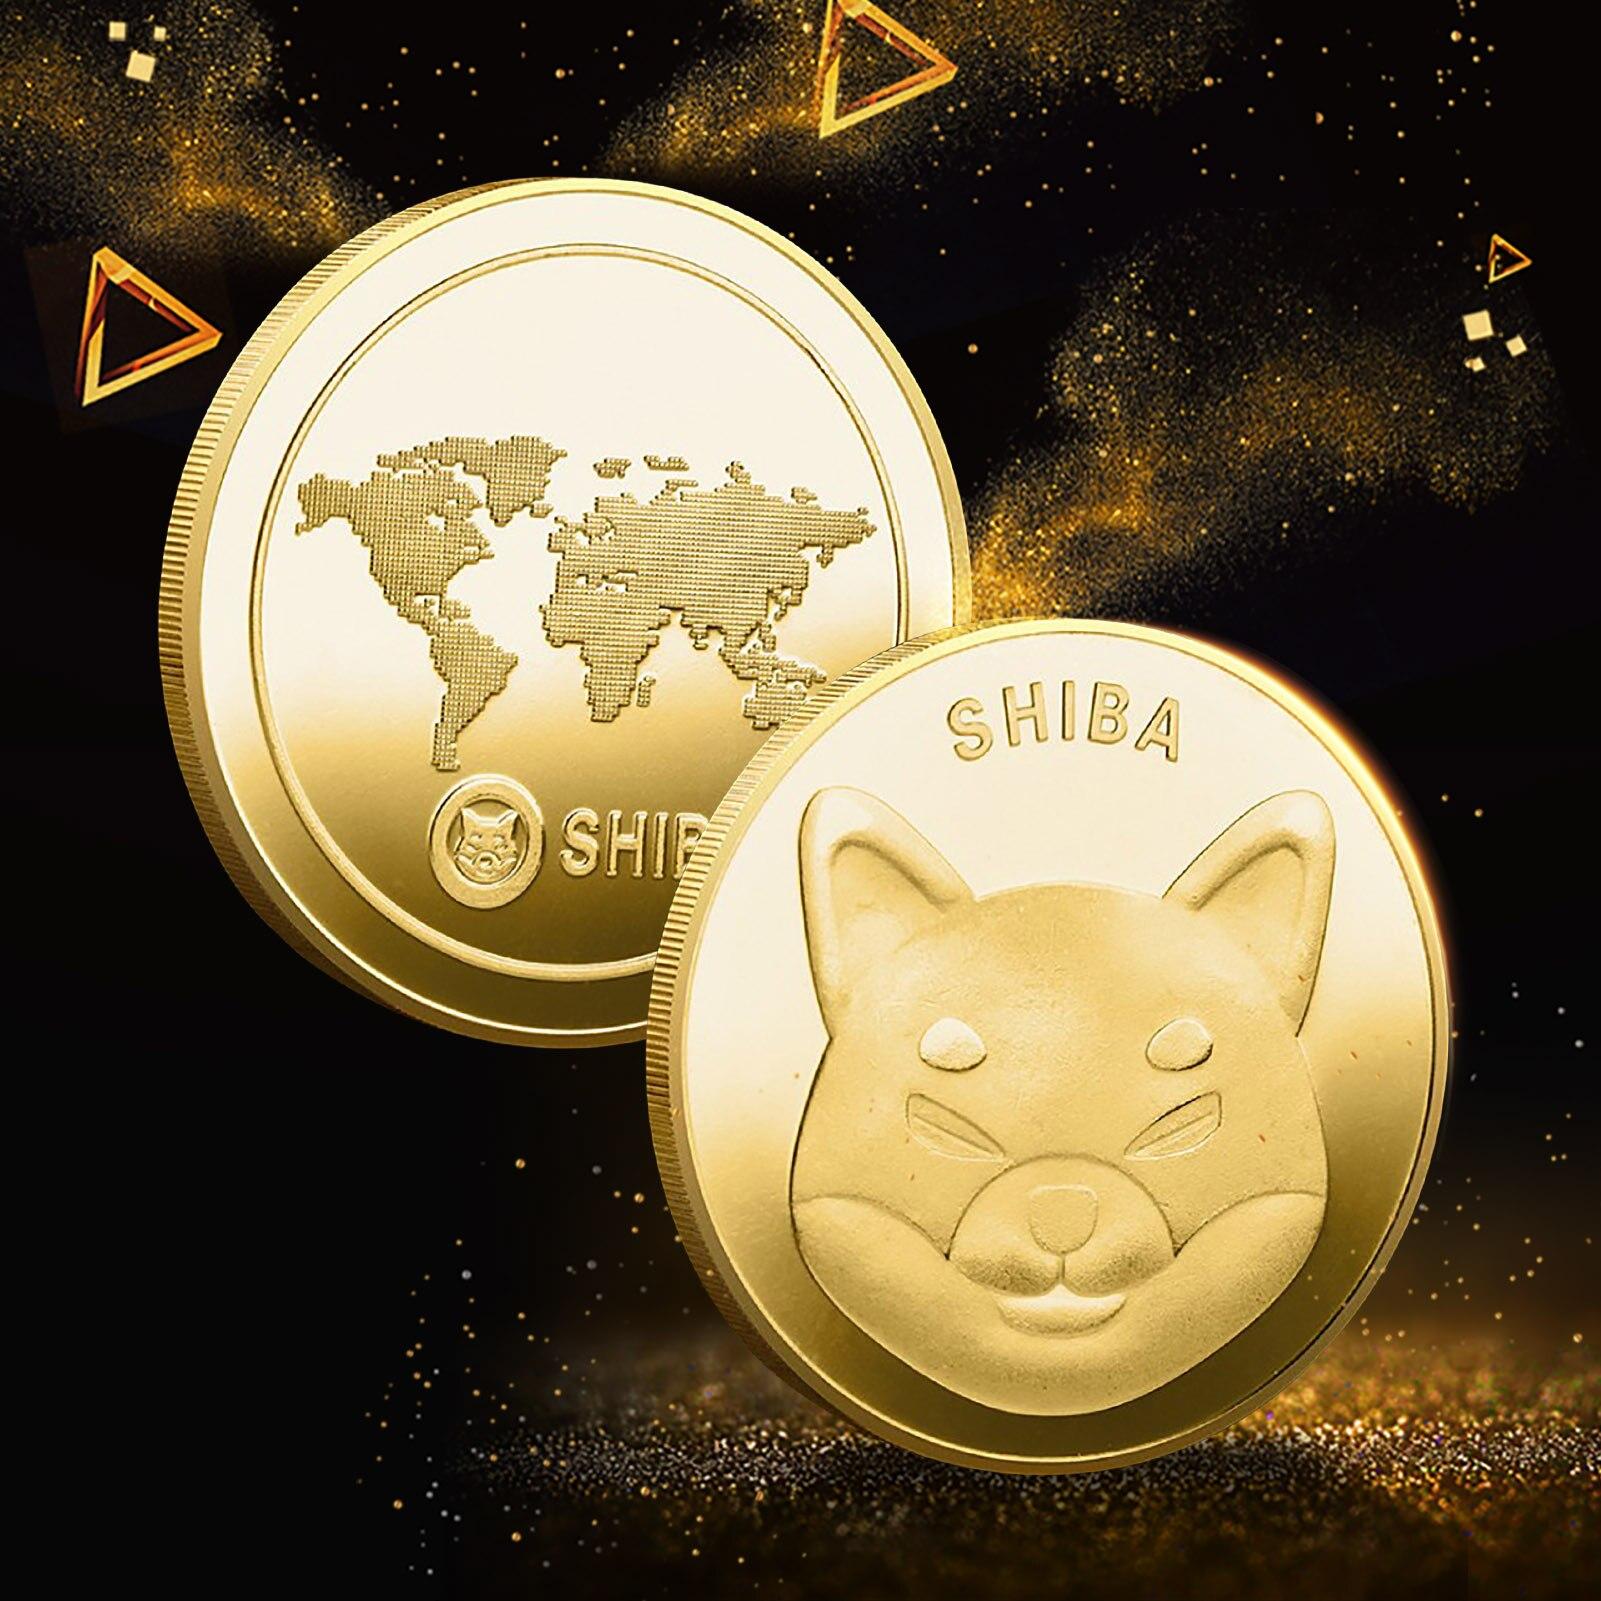 Иллюстратор Dogecoin, монета Шиба-ину (шиб), криптовалюминированный металлический, позолоченный, физический SHIB Doge Killer, сувенирные памятные моне...